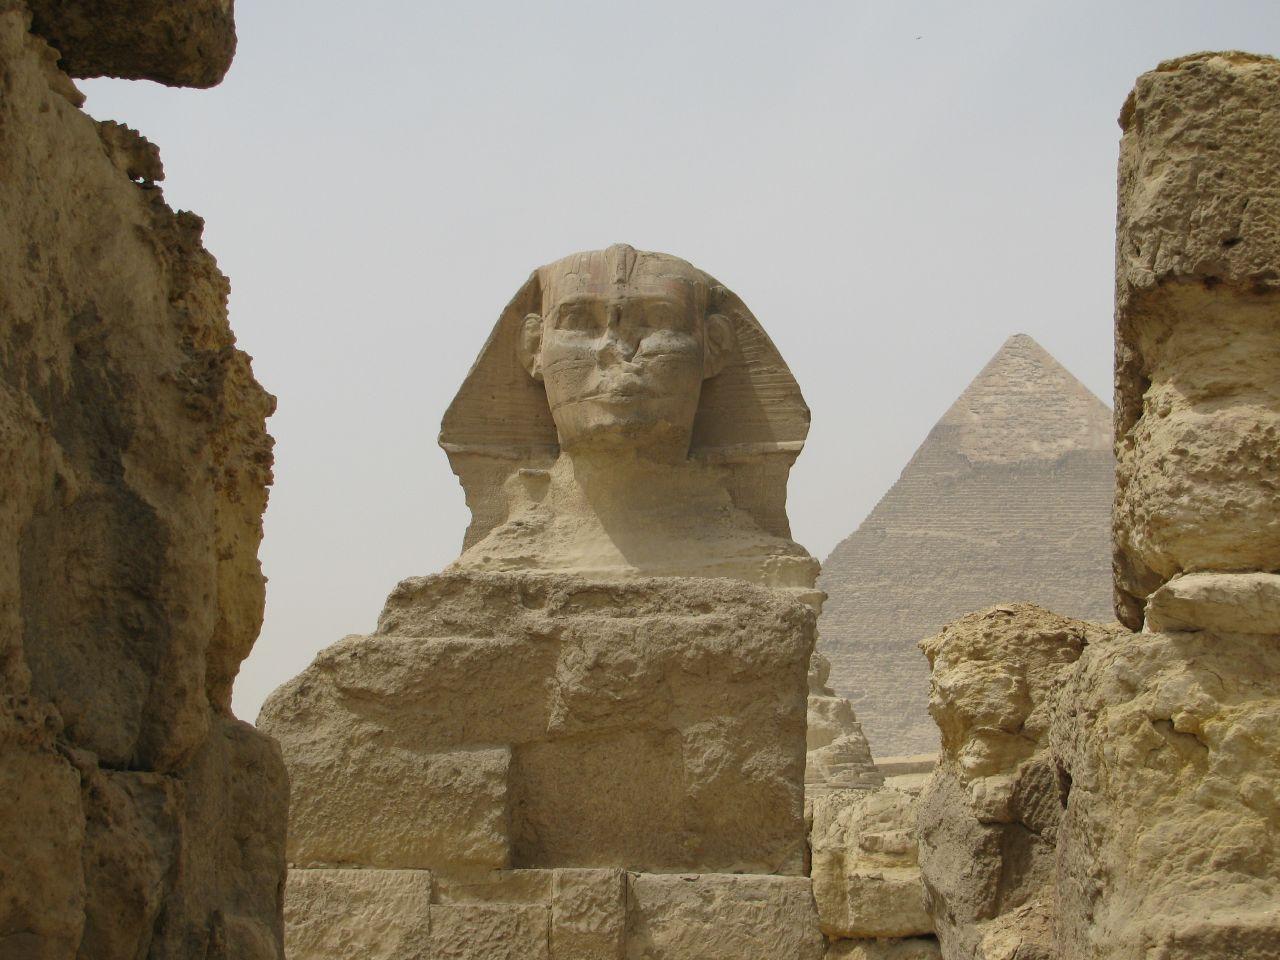 مجسمه ابوالهول در مصر